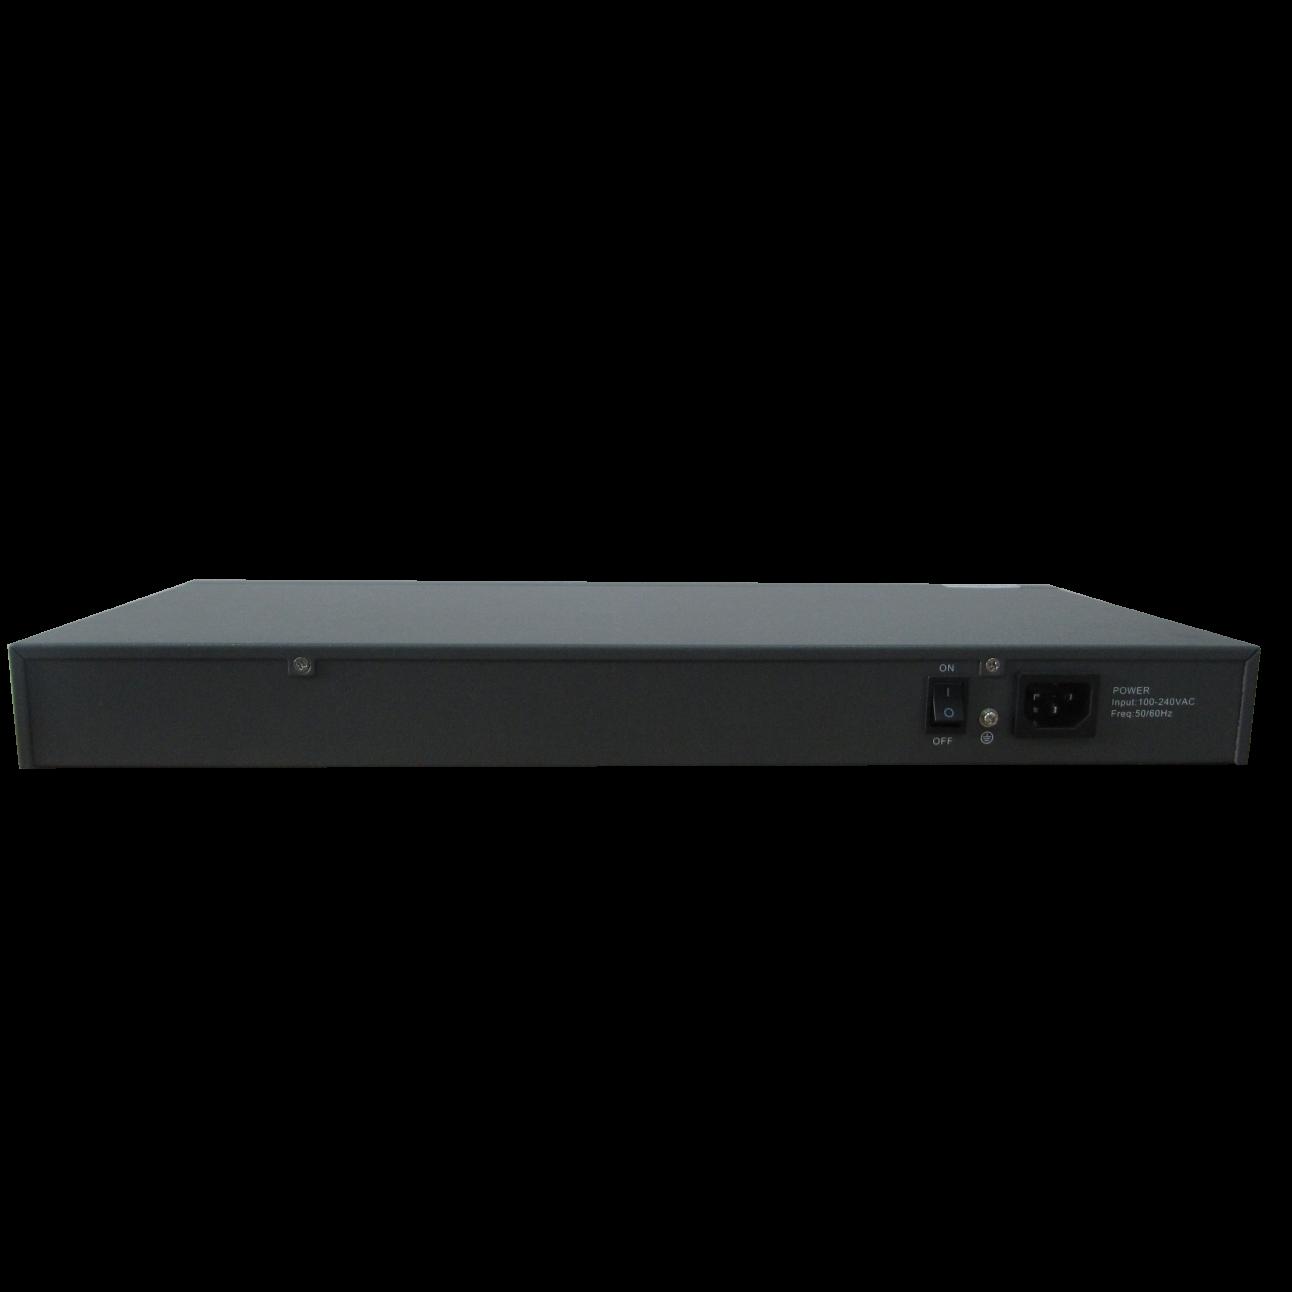 Управляемый коммутатор уровня 2 BDCOM S2928